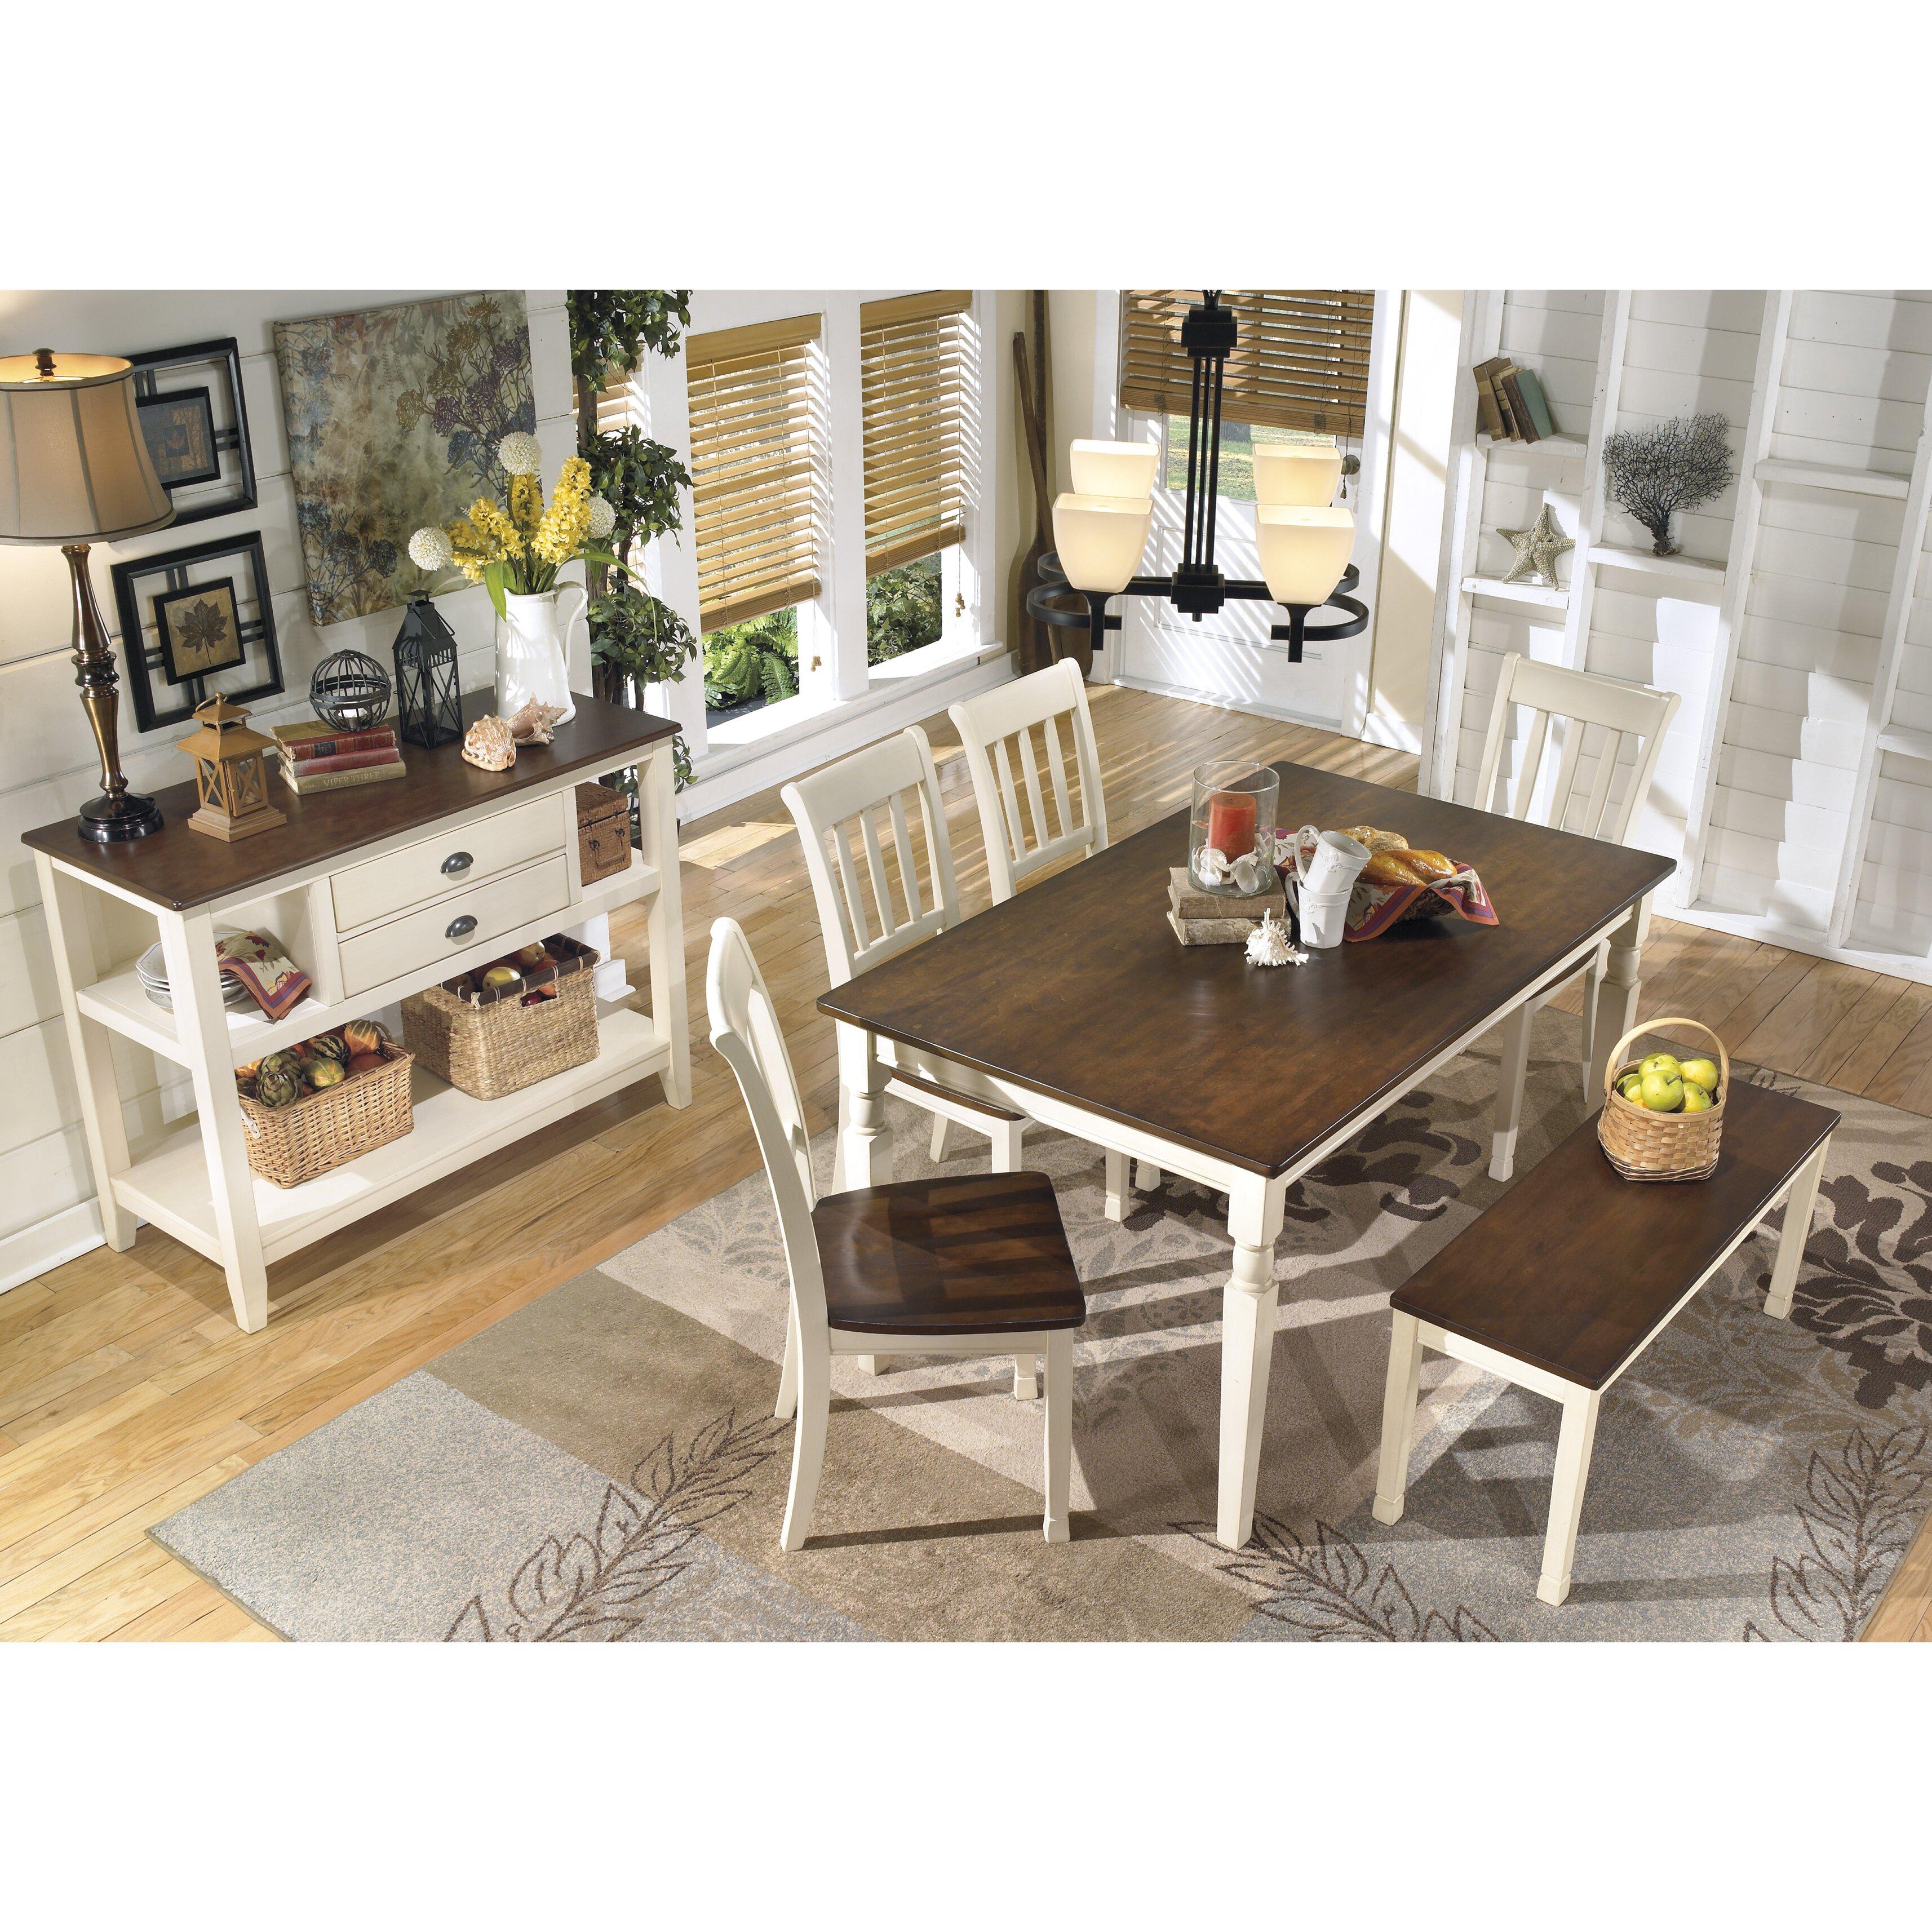 Beachcrest Home Magellan Wood Kitchen Bench & Reviews